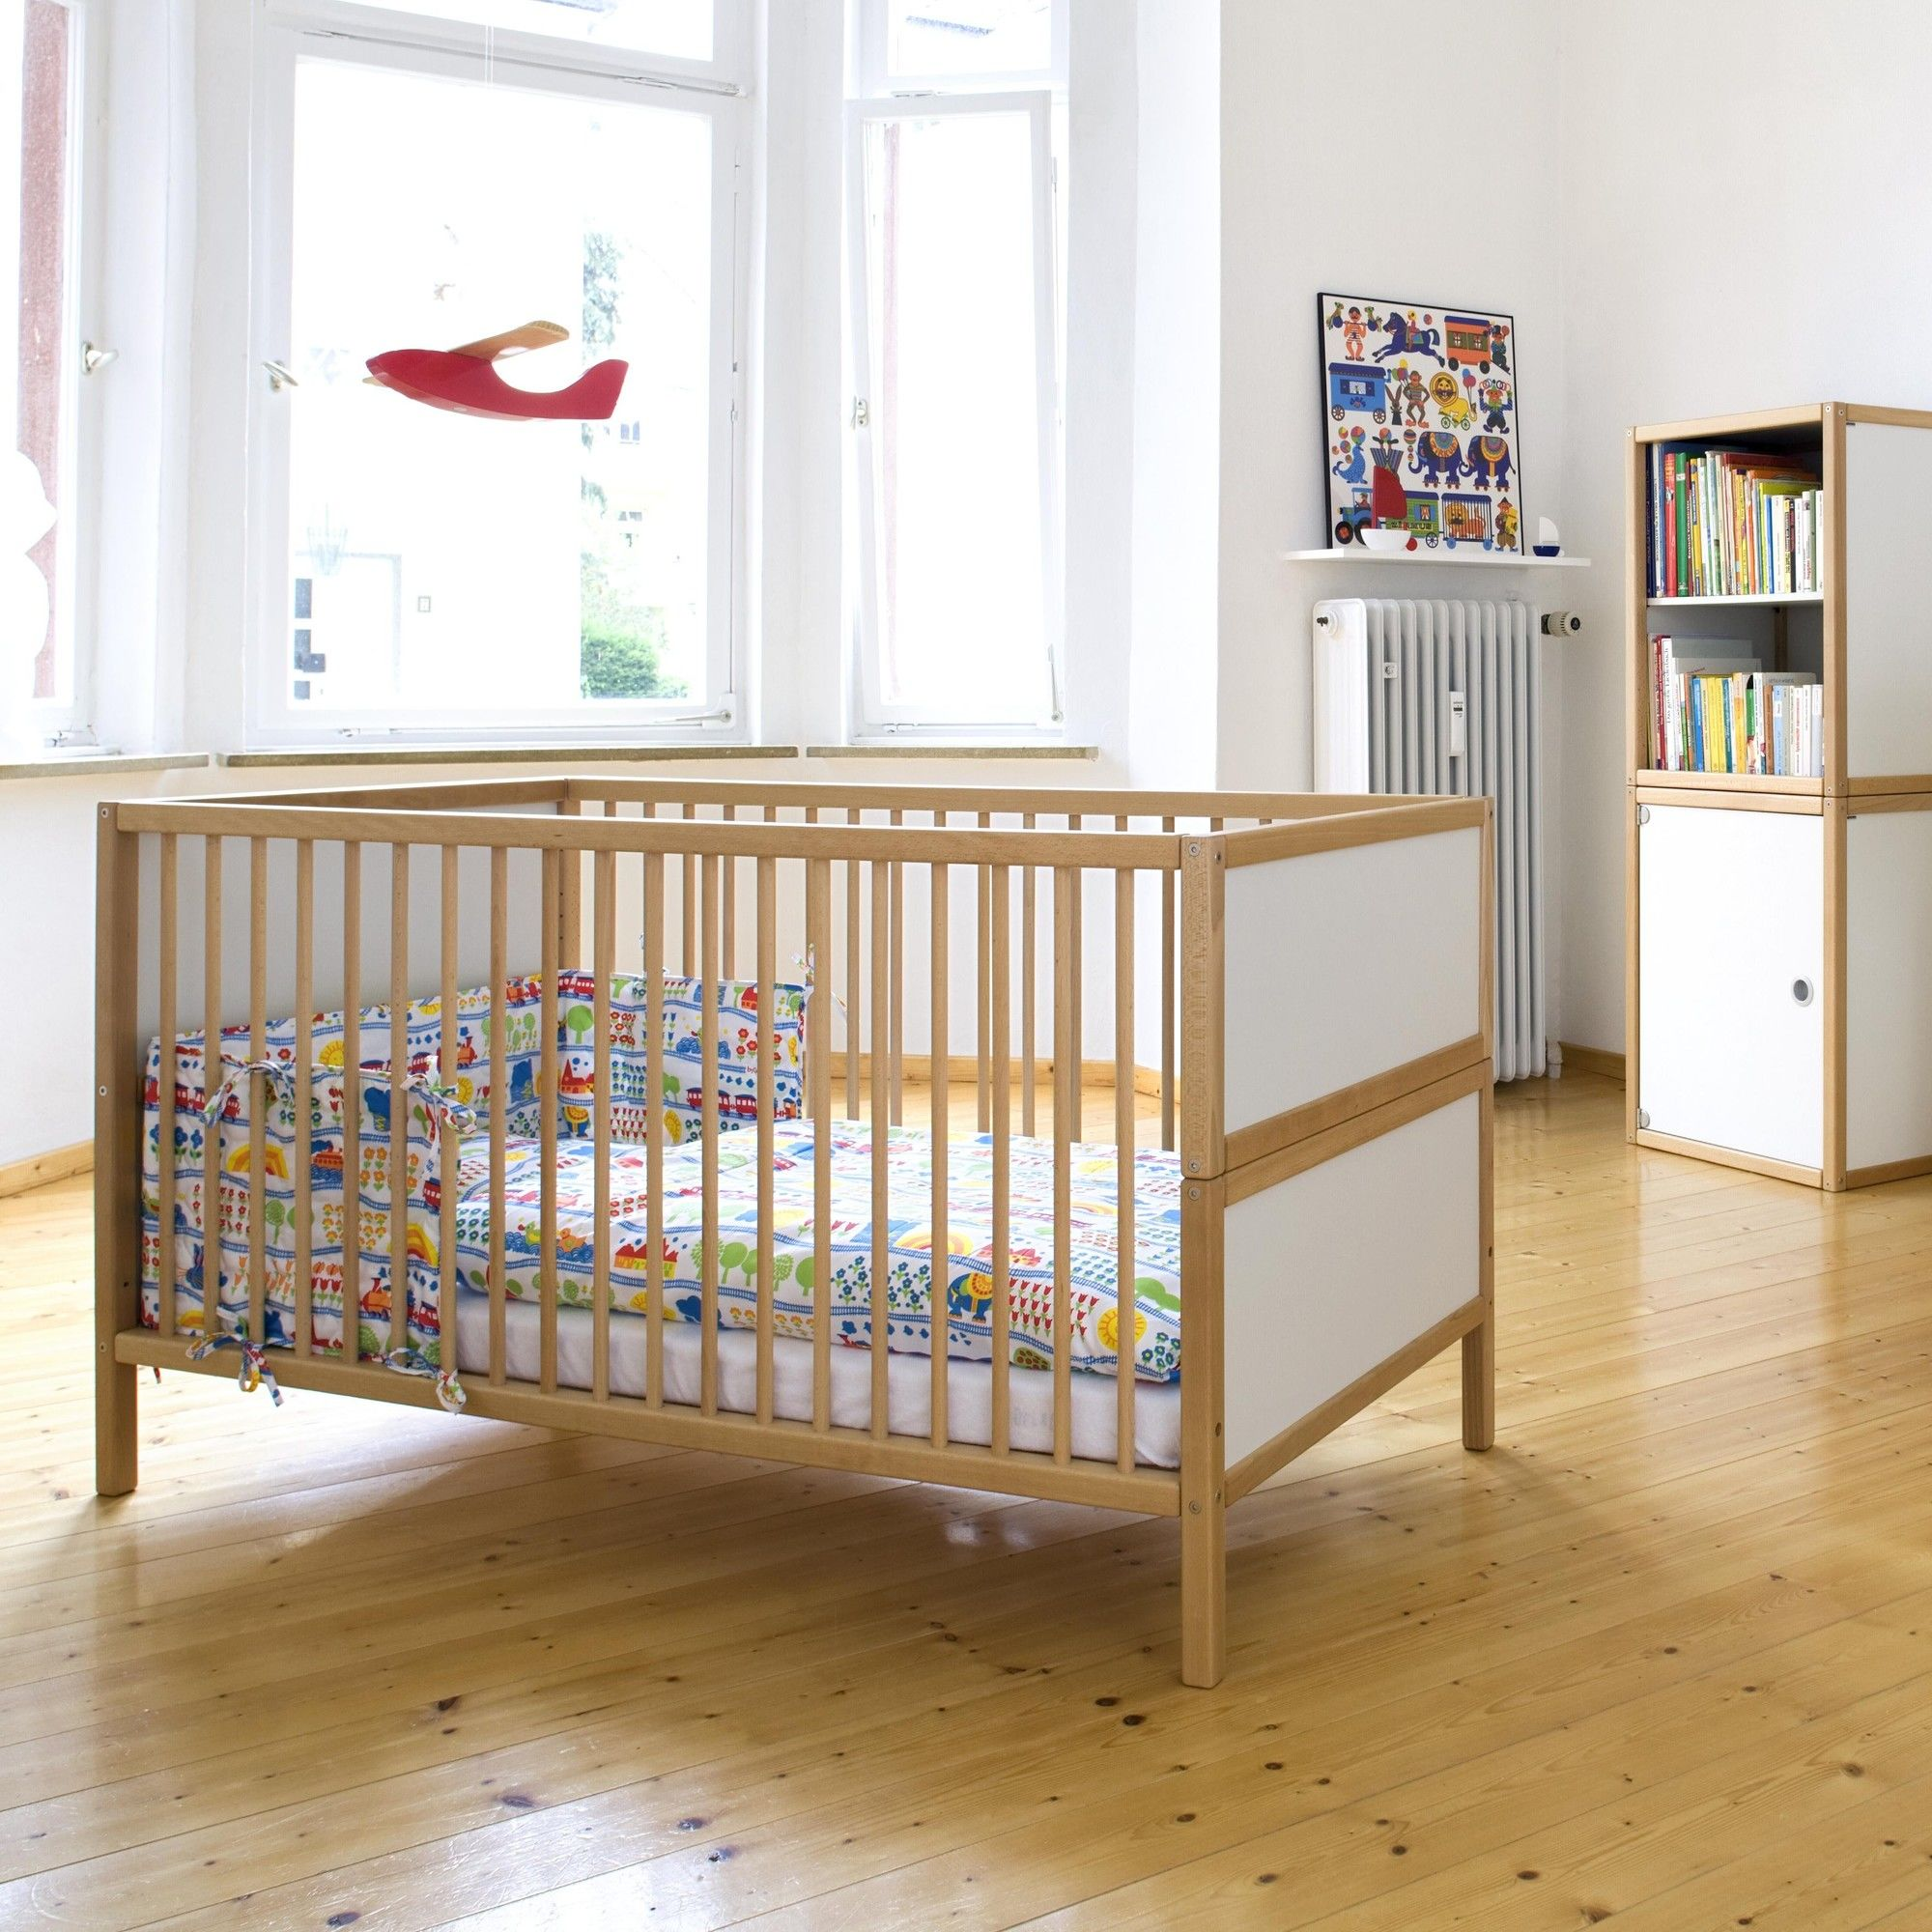 Babybett Schlafzimmer. Ikea Bettdecken Erfahrung Ideen